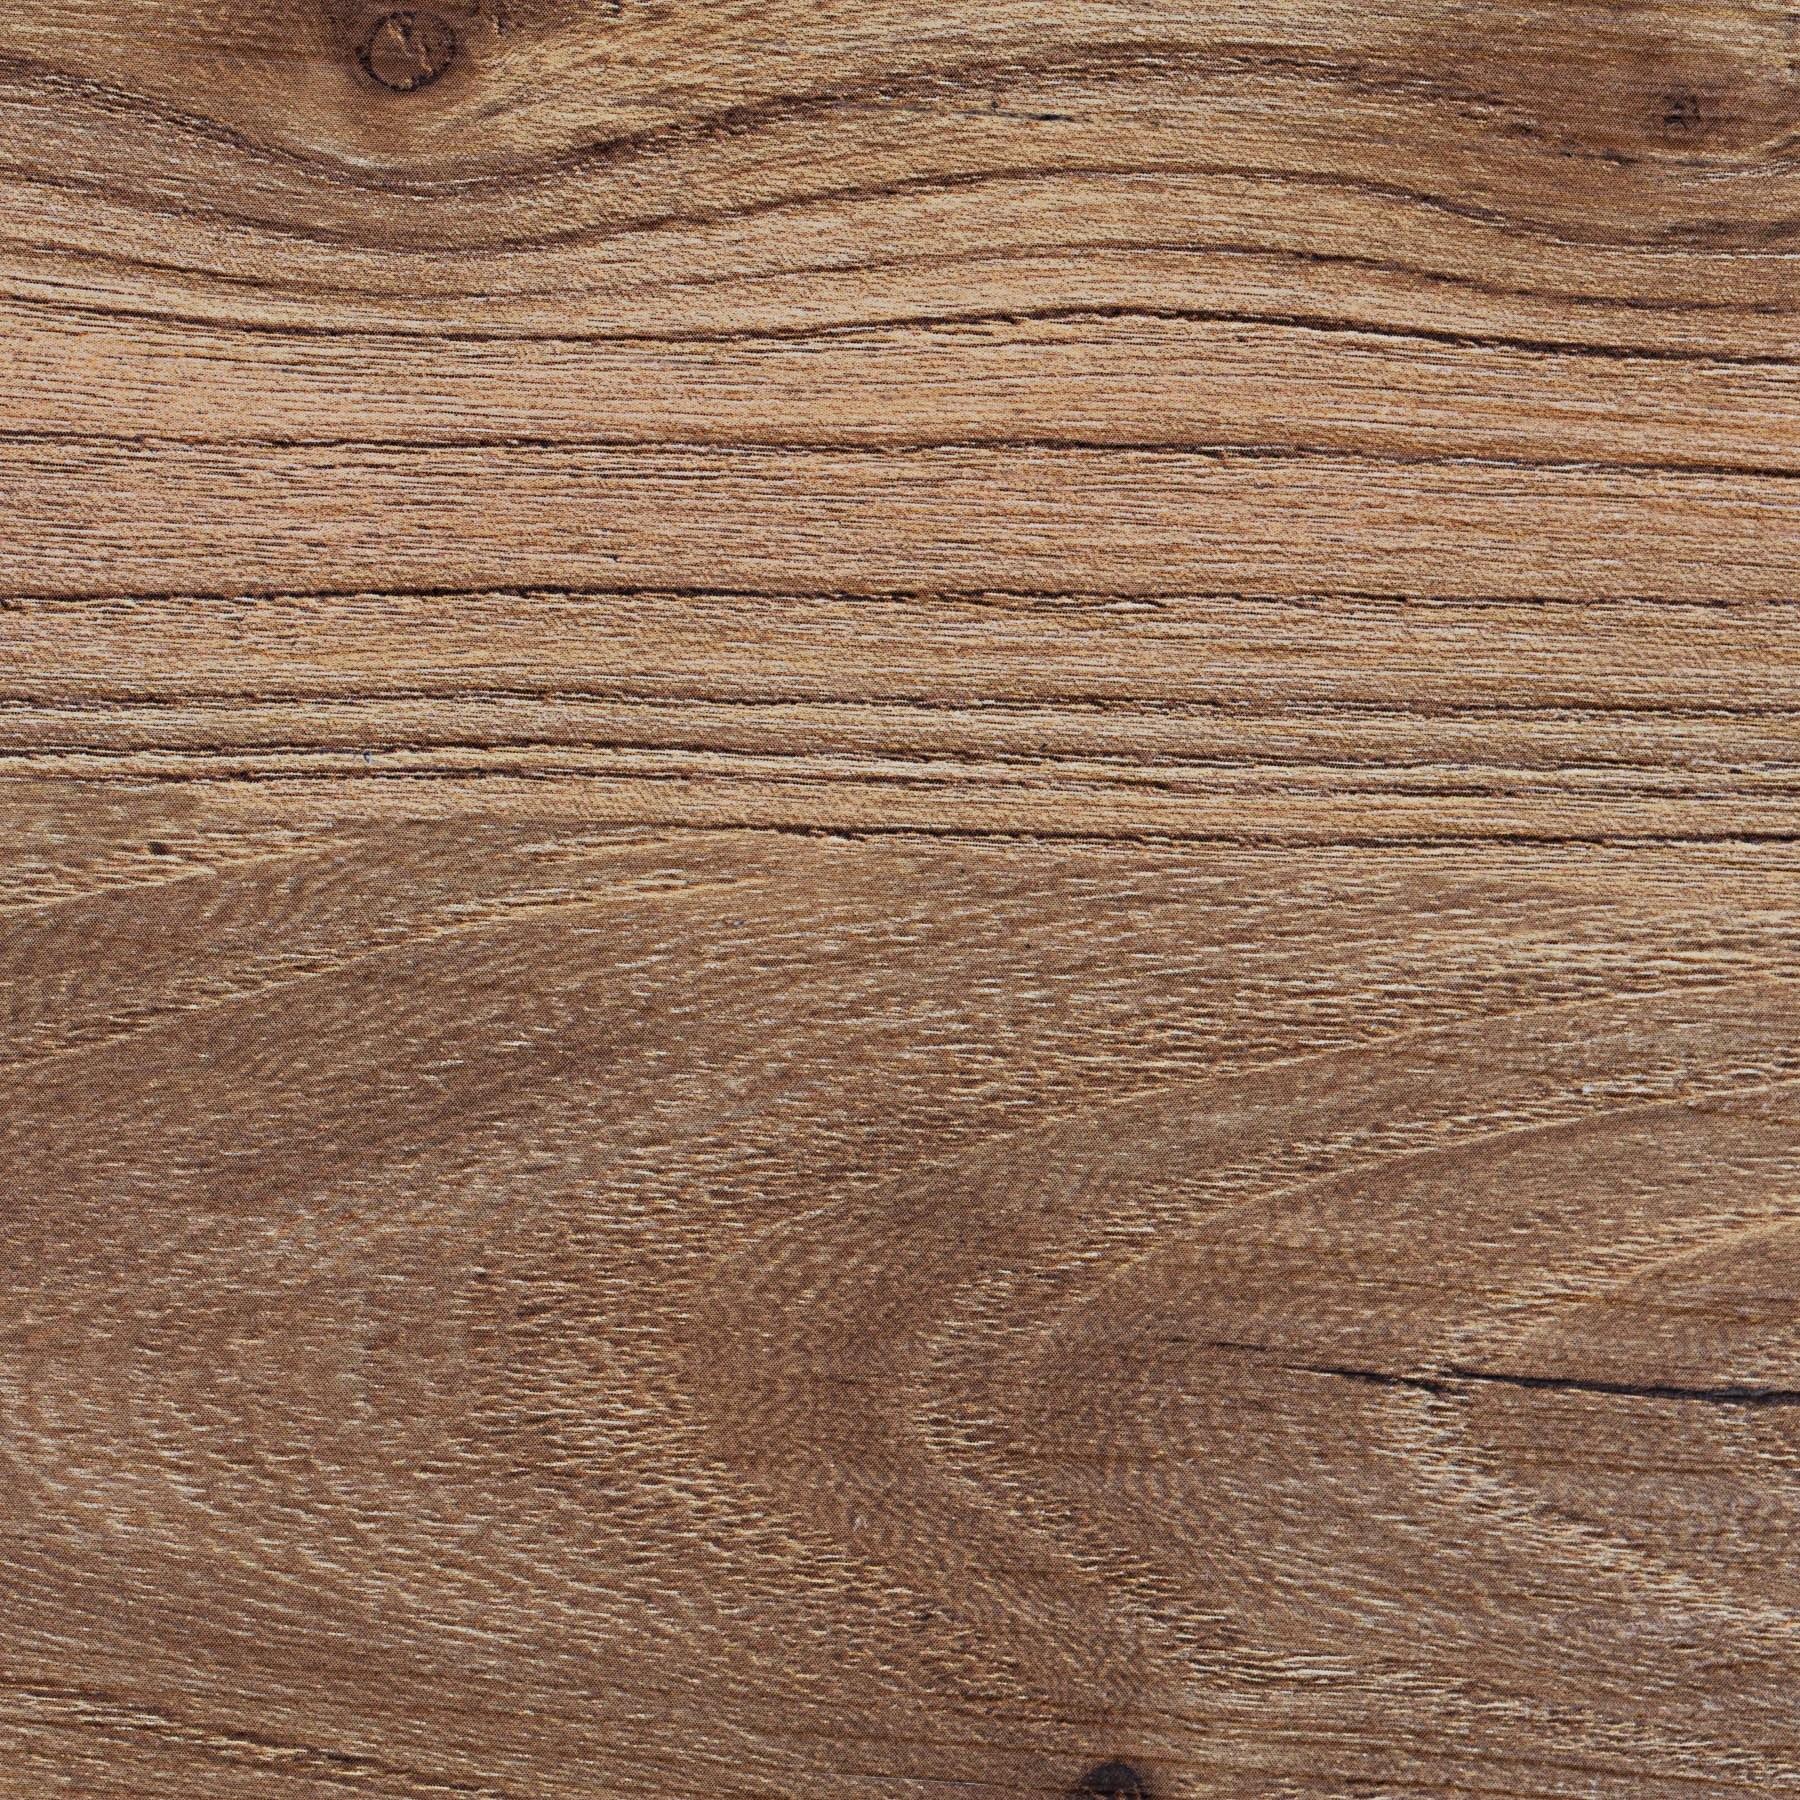 47 Sq Ft Restored Pine Vinyl Plank Flooring